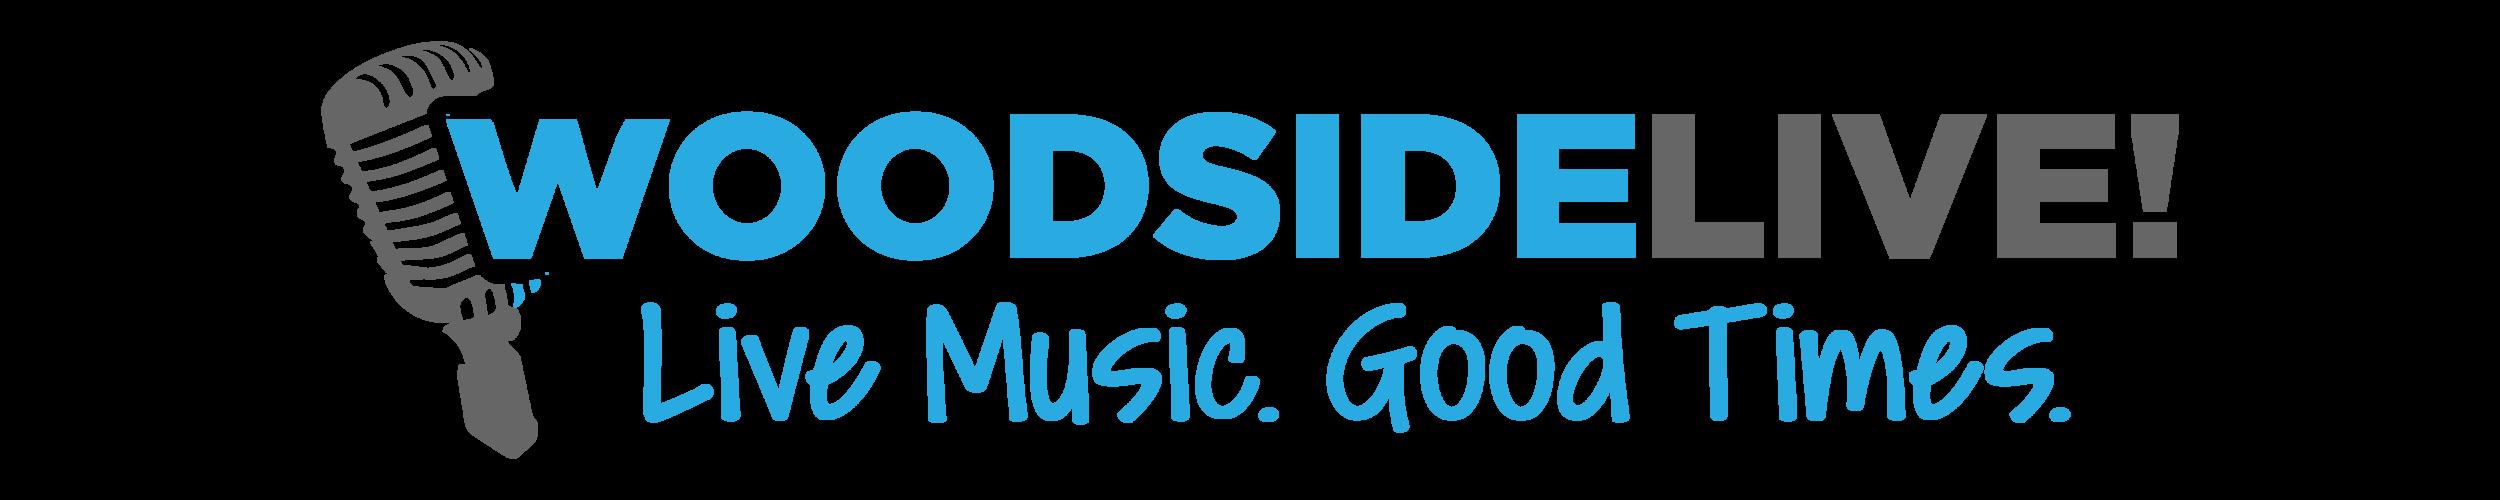 WoodsideLive Logo General-04.png